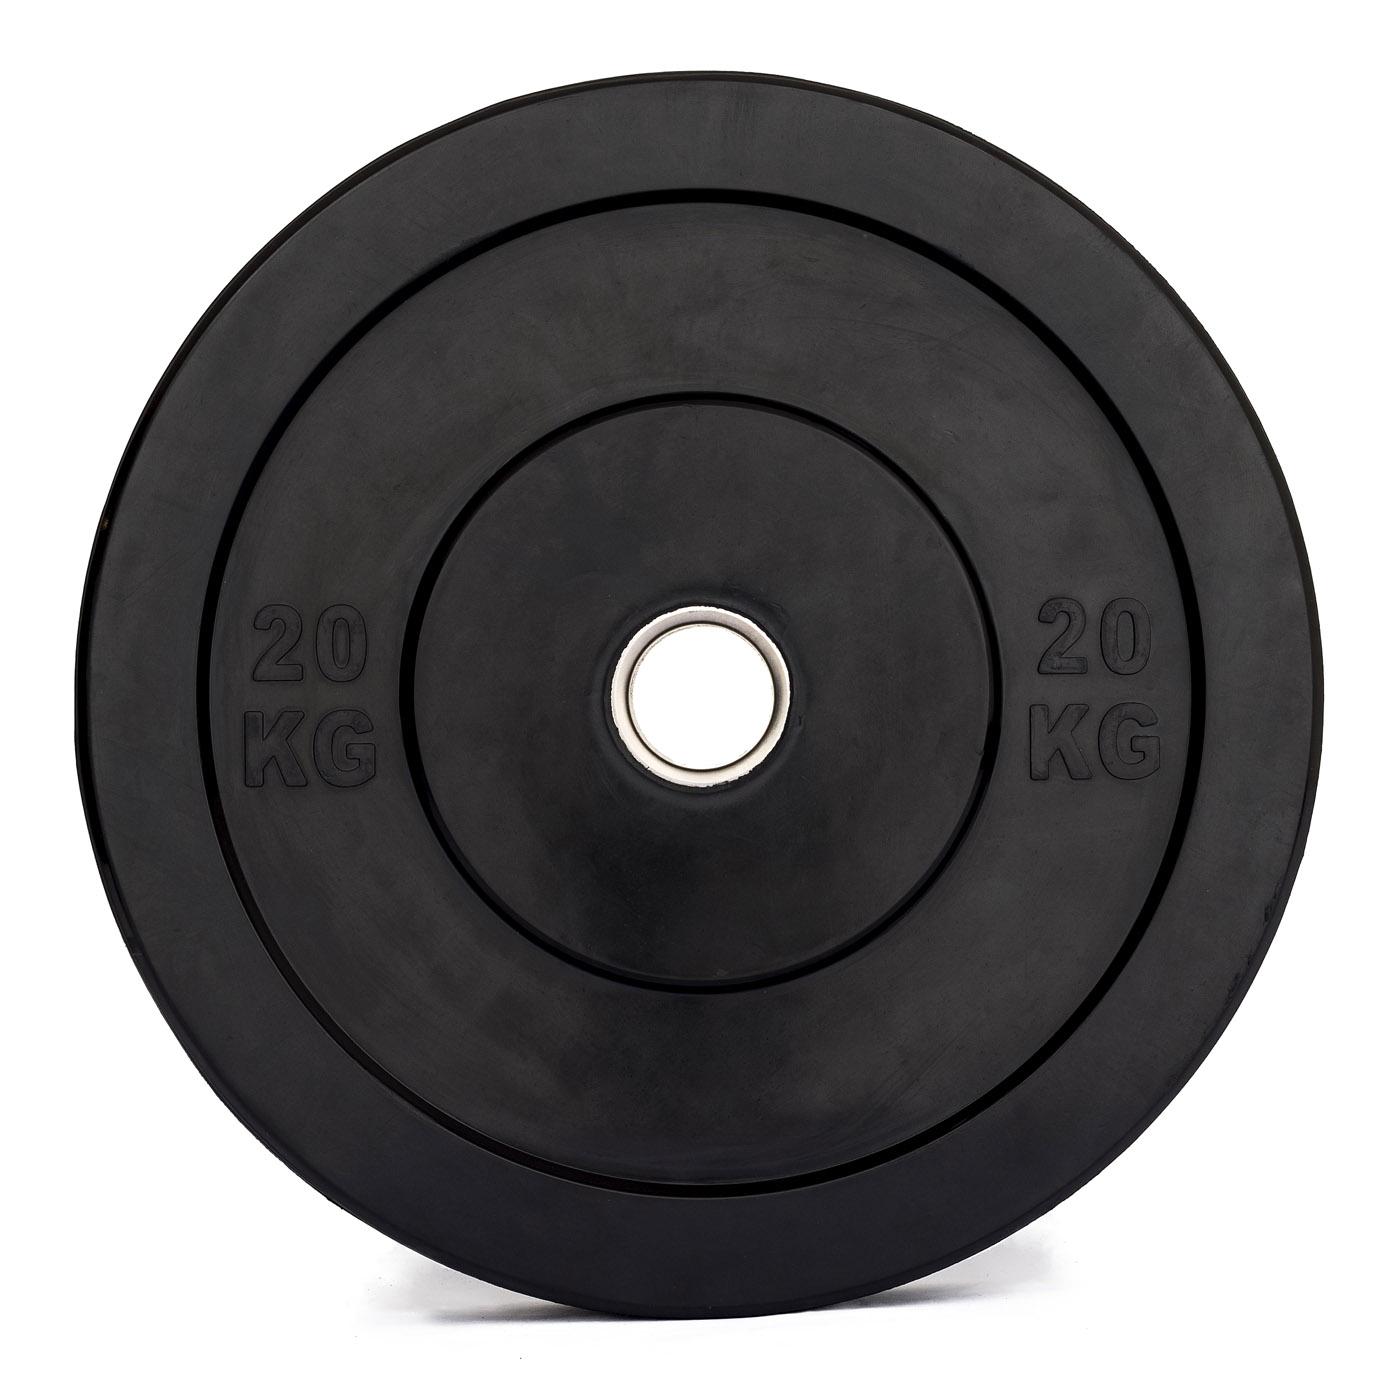 Kotouč Bumper Plate 20 kg training